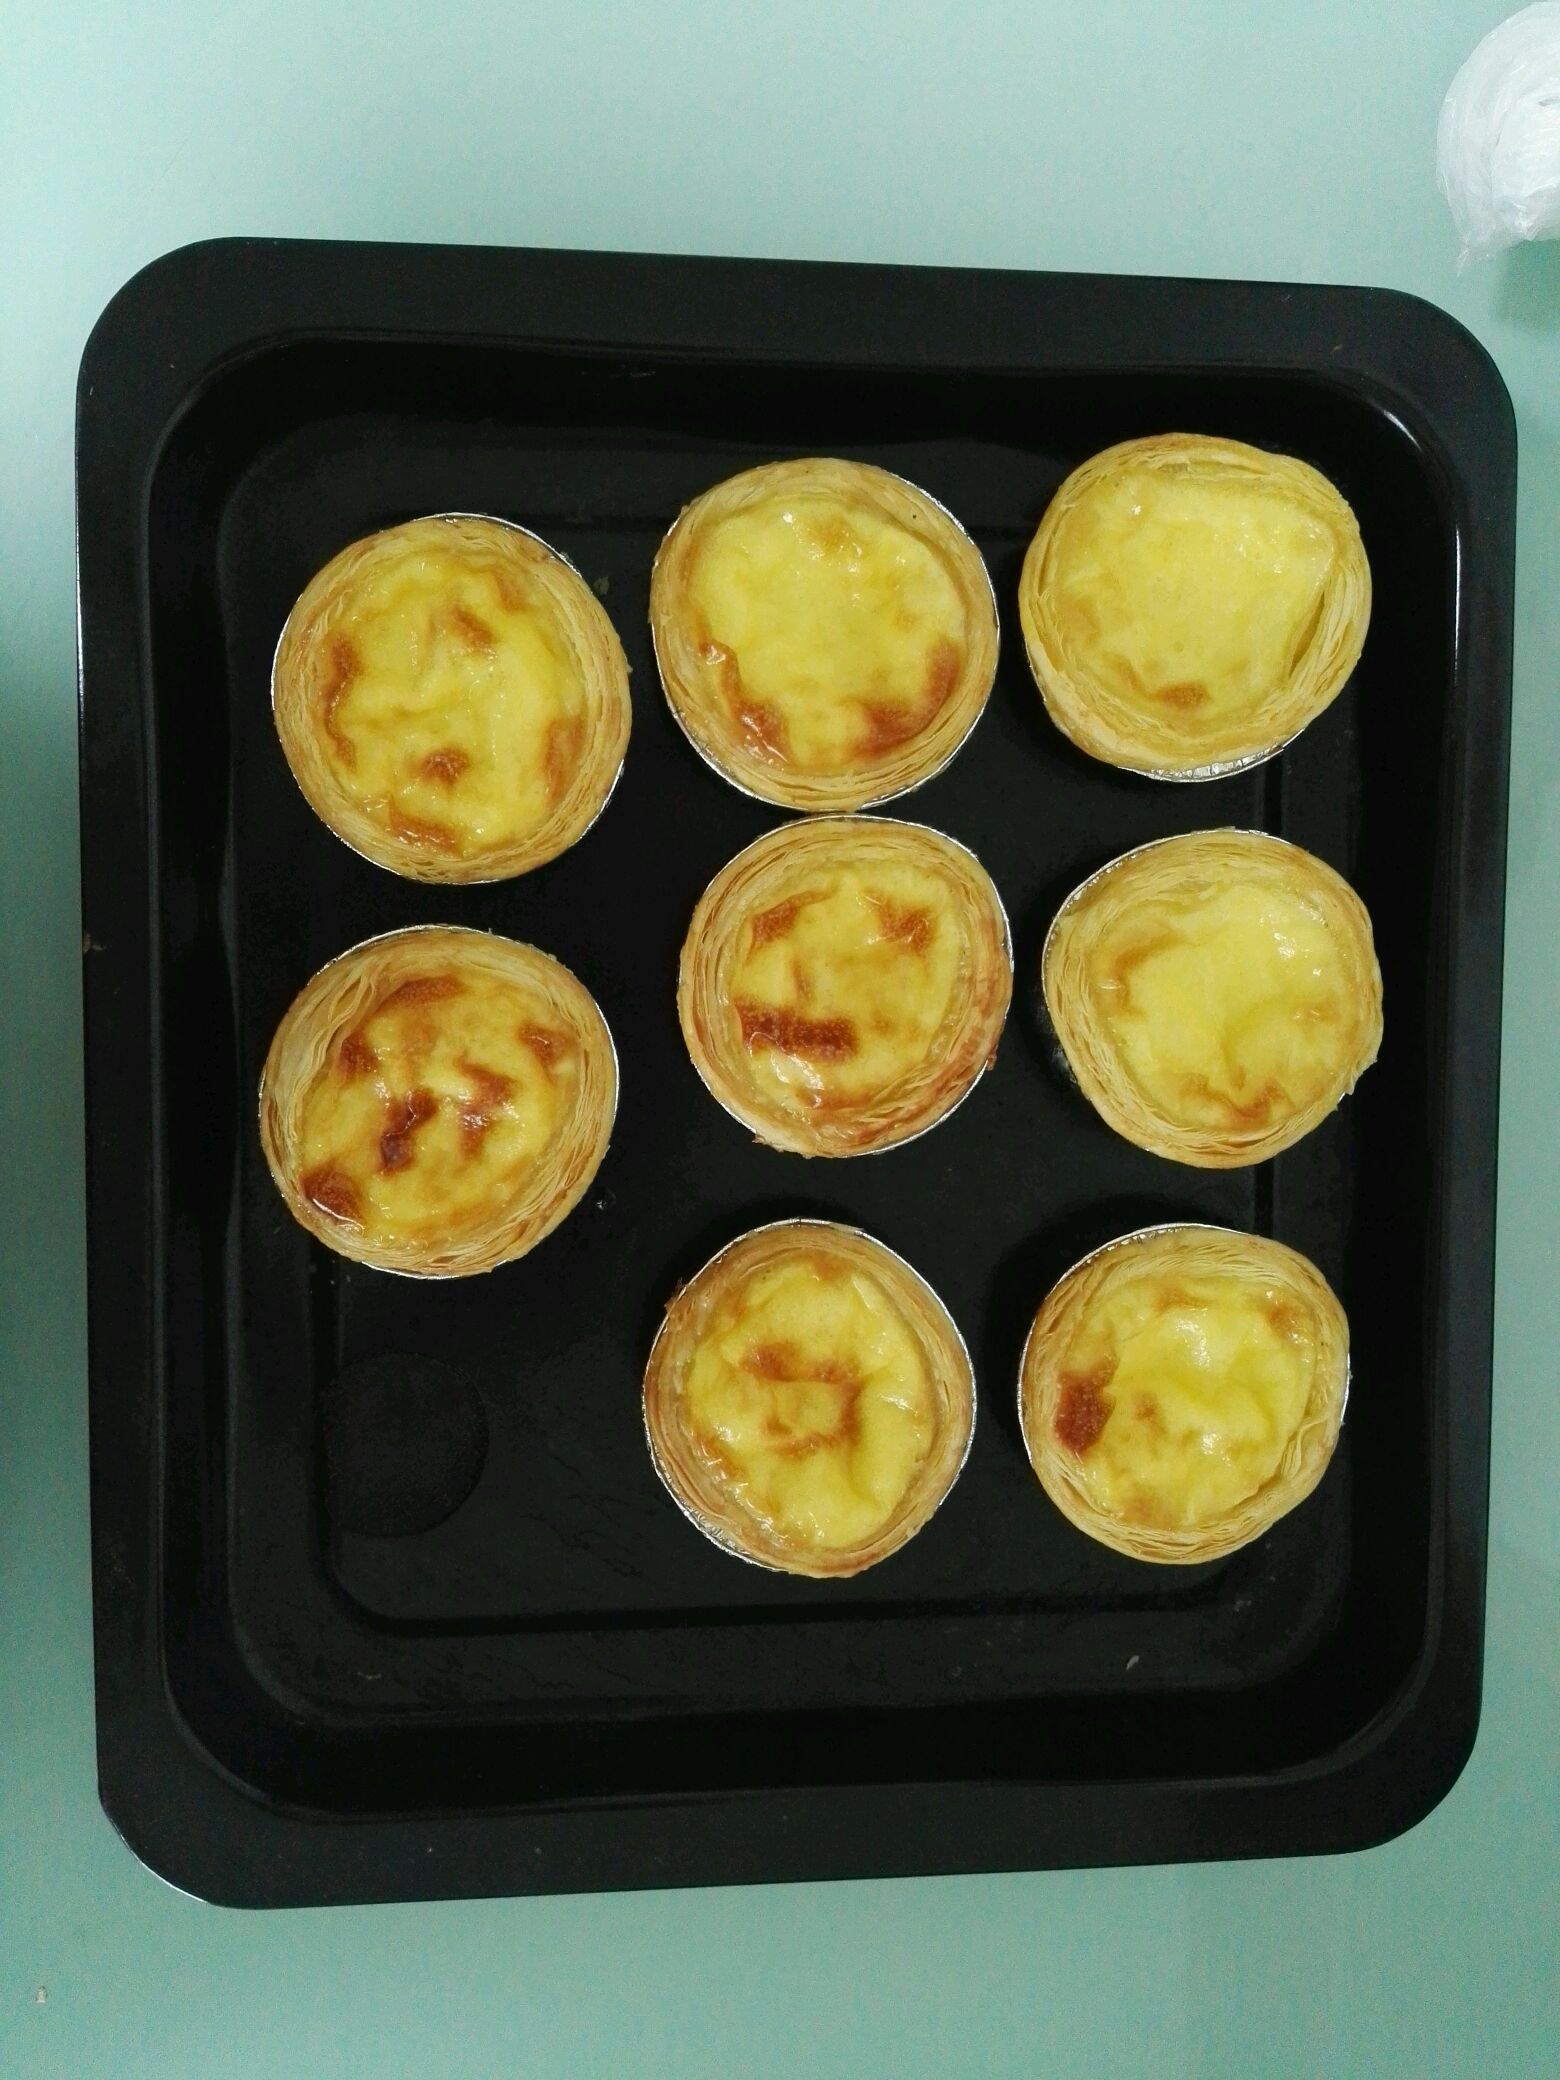 烤箱版葡式蛋撻的做法_【圖解】烤箱版葡式蛋撻怎么做如何做好吃_烤箱版葡式蛋撻家常做法大全_劉小豆兒_豆果美食